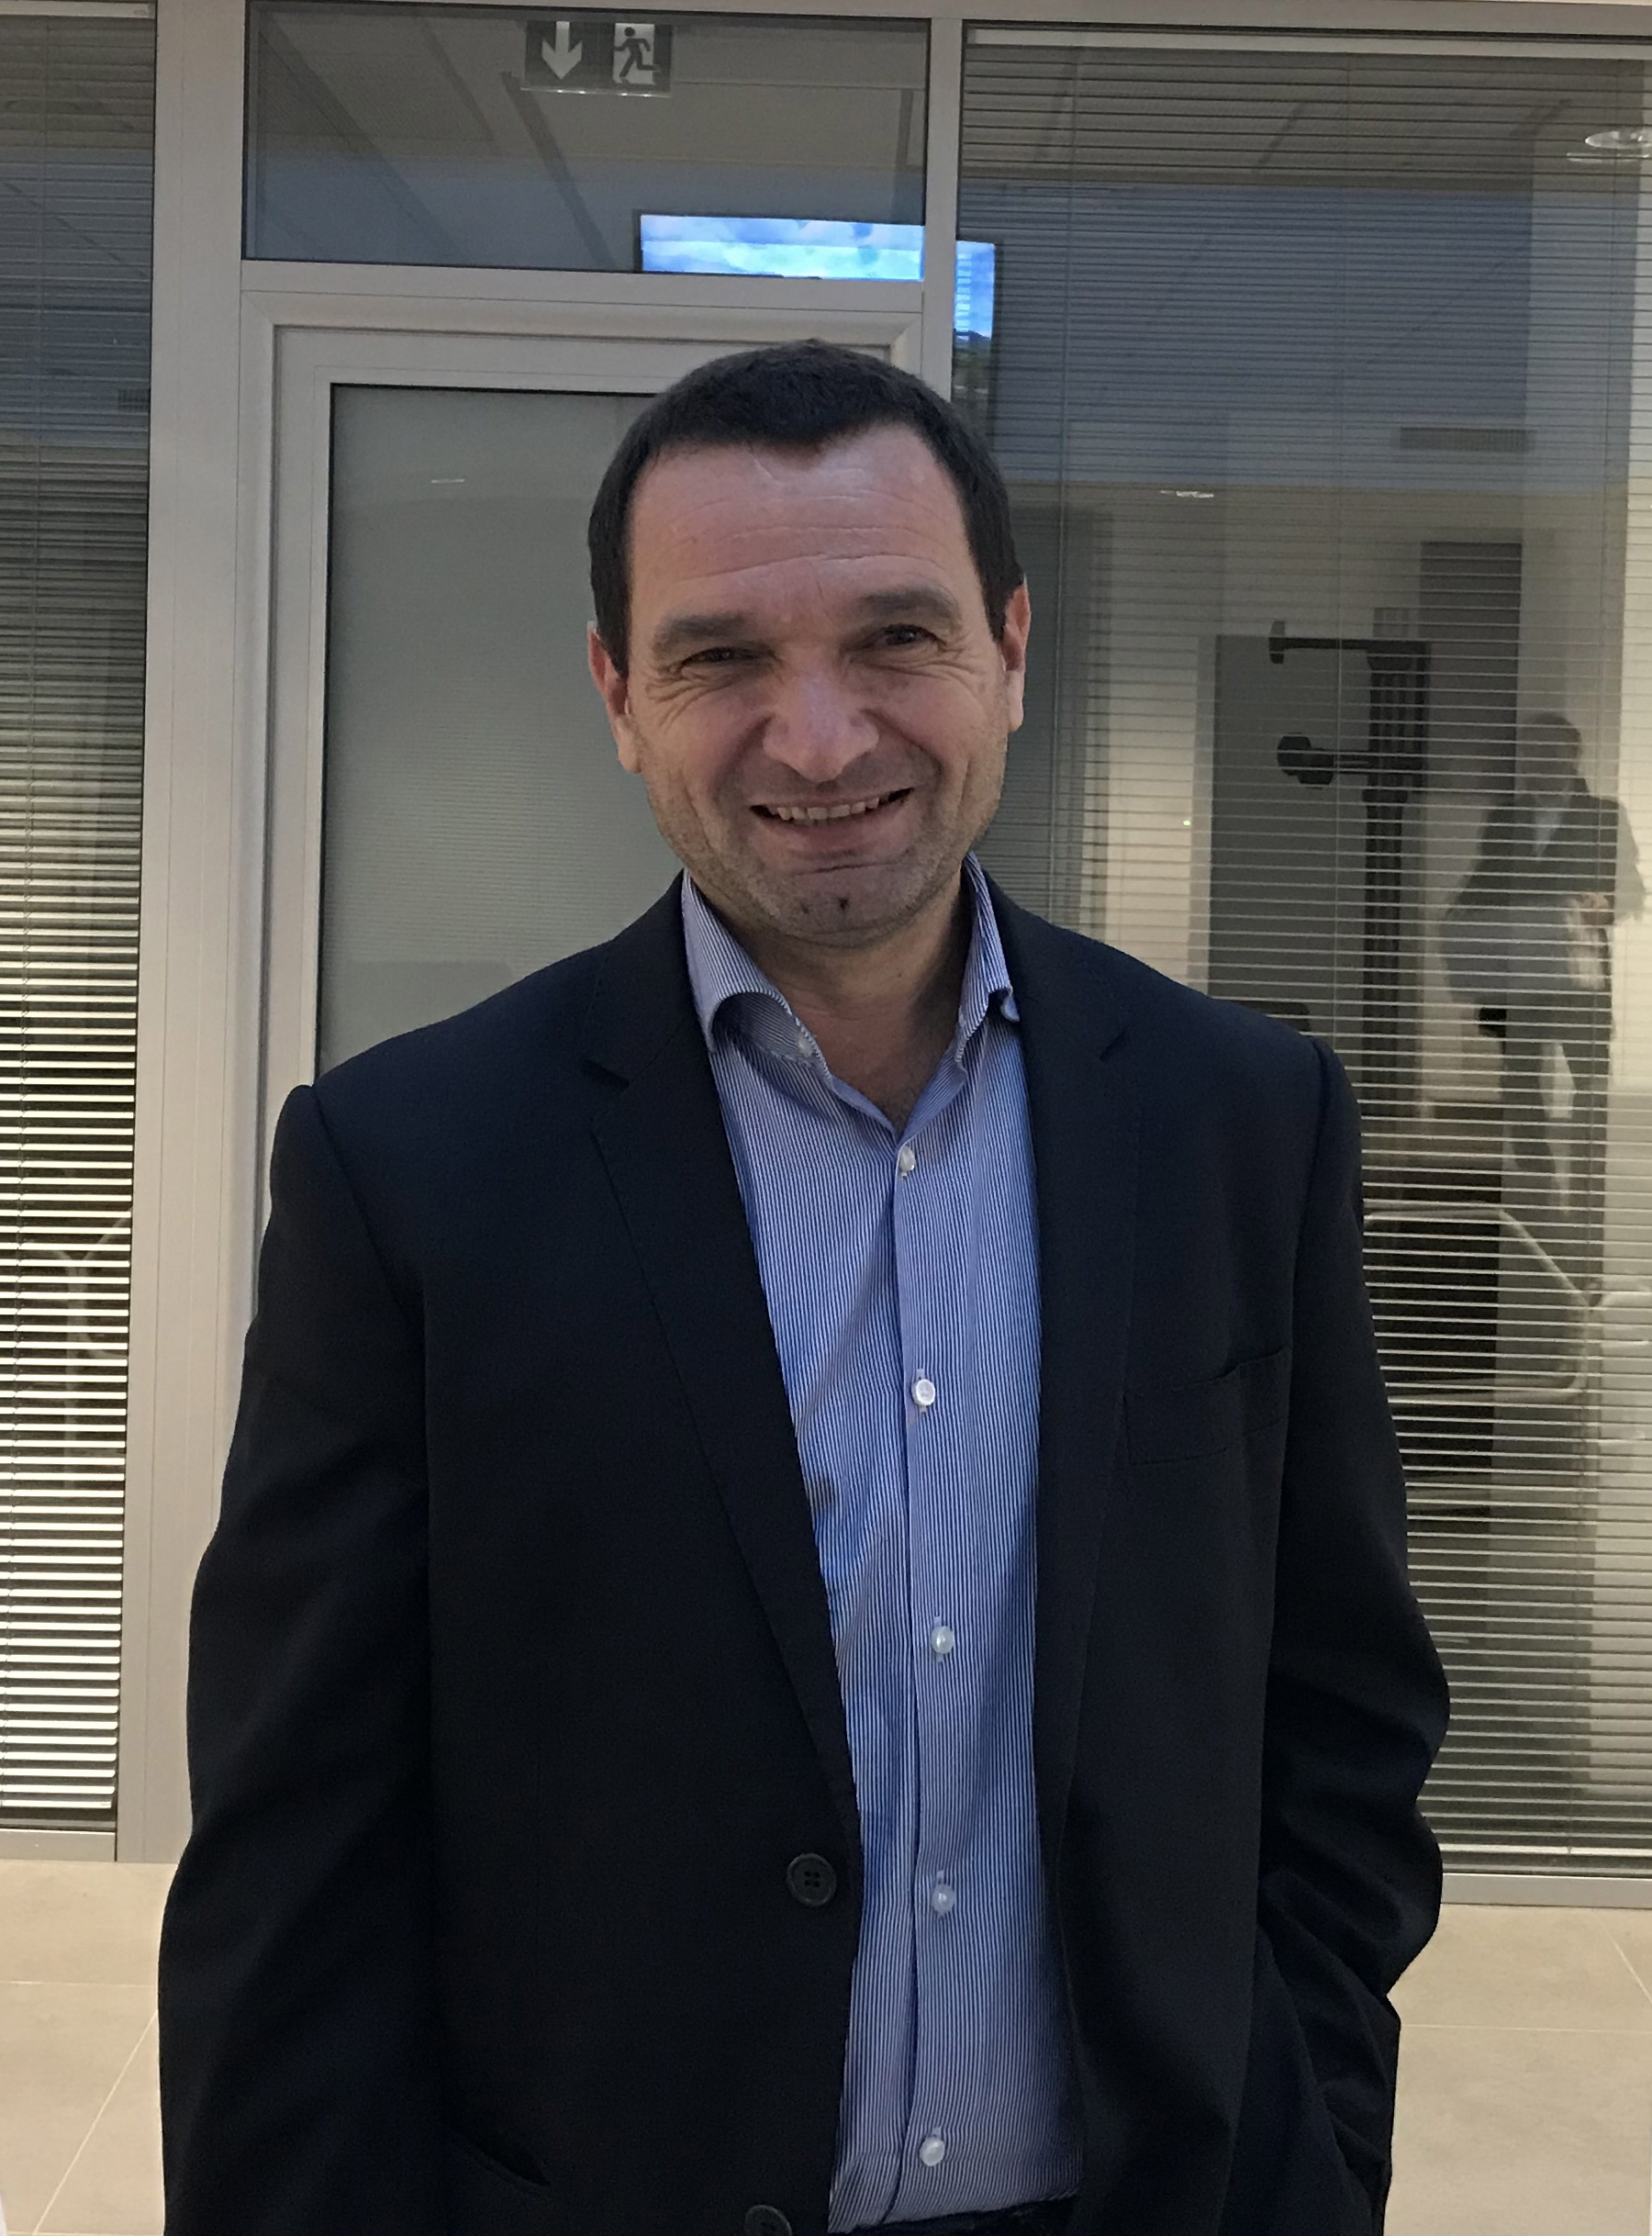 Hyacinthe Vanni, président des Chemins de fer de la Corse. Photo CNI.